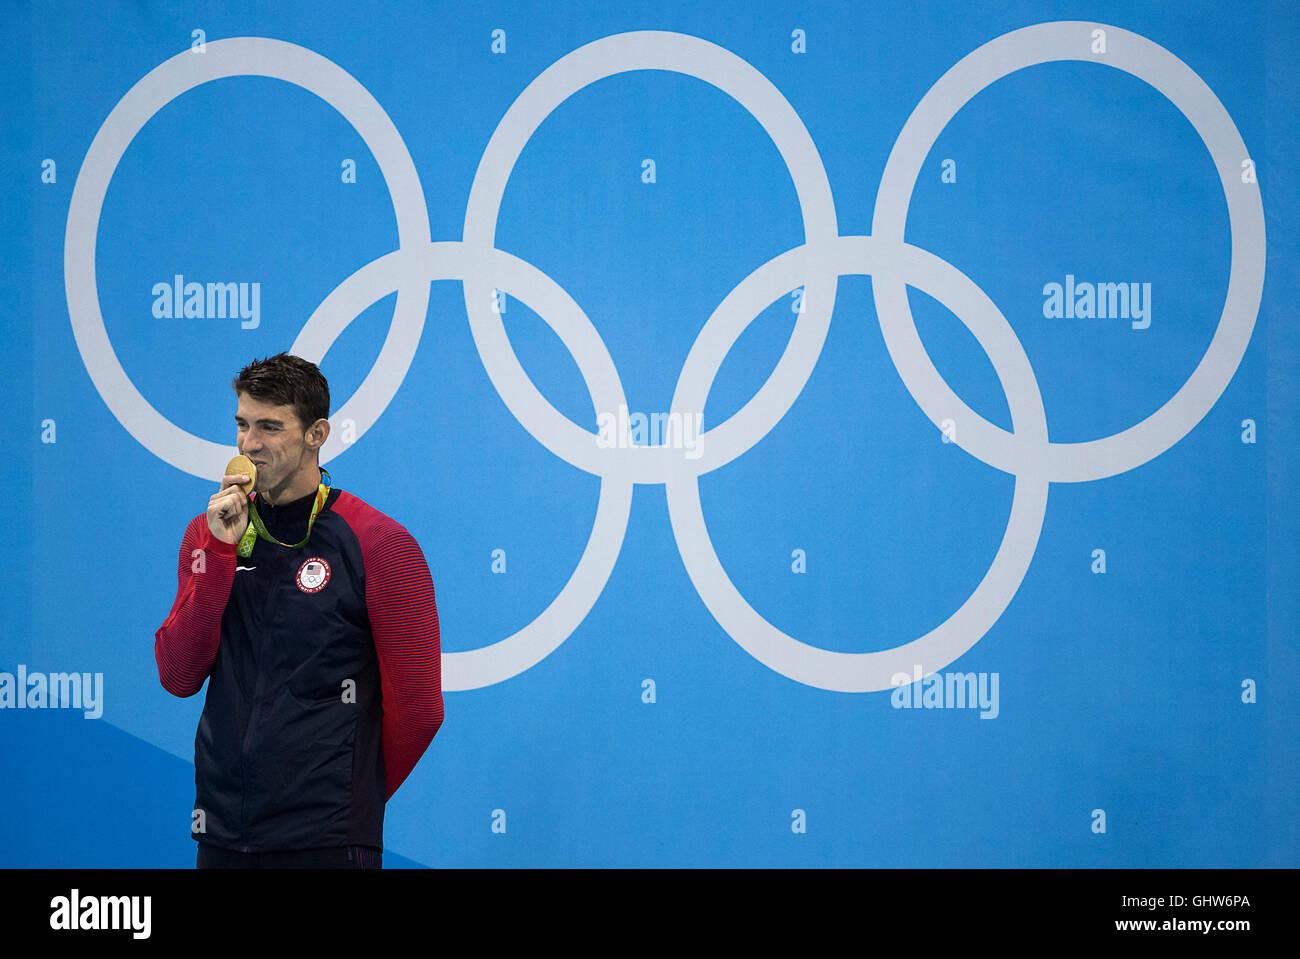 Rio de Janeiro, RJ, Brasil. 11 Aug, 2016. Juegos Olímpicos: natación Michael Phelps (ESTADOS UNIDOS) reacciona Imagen De Stock